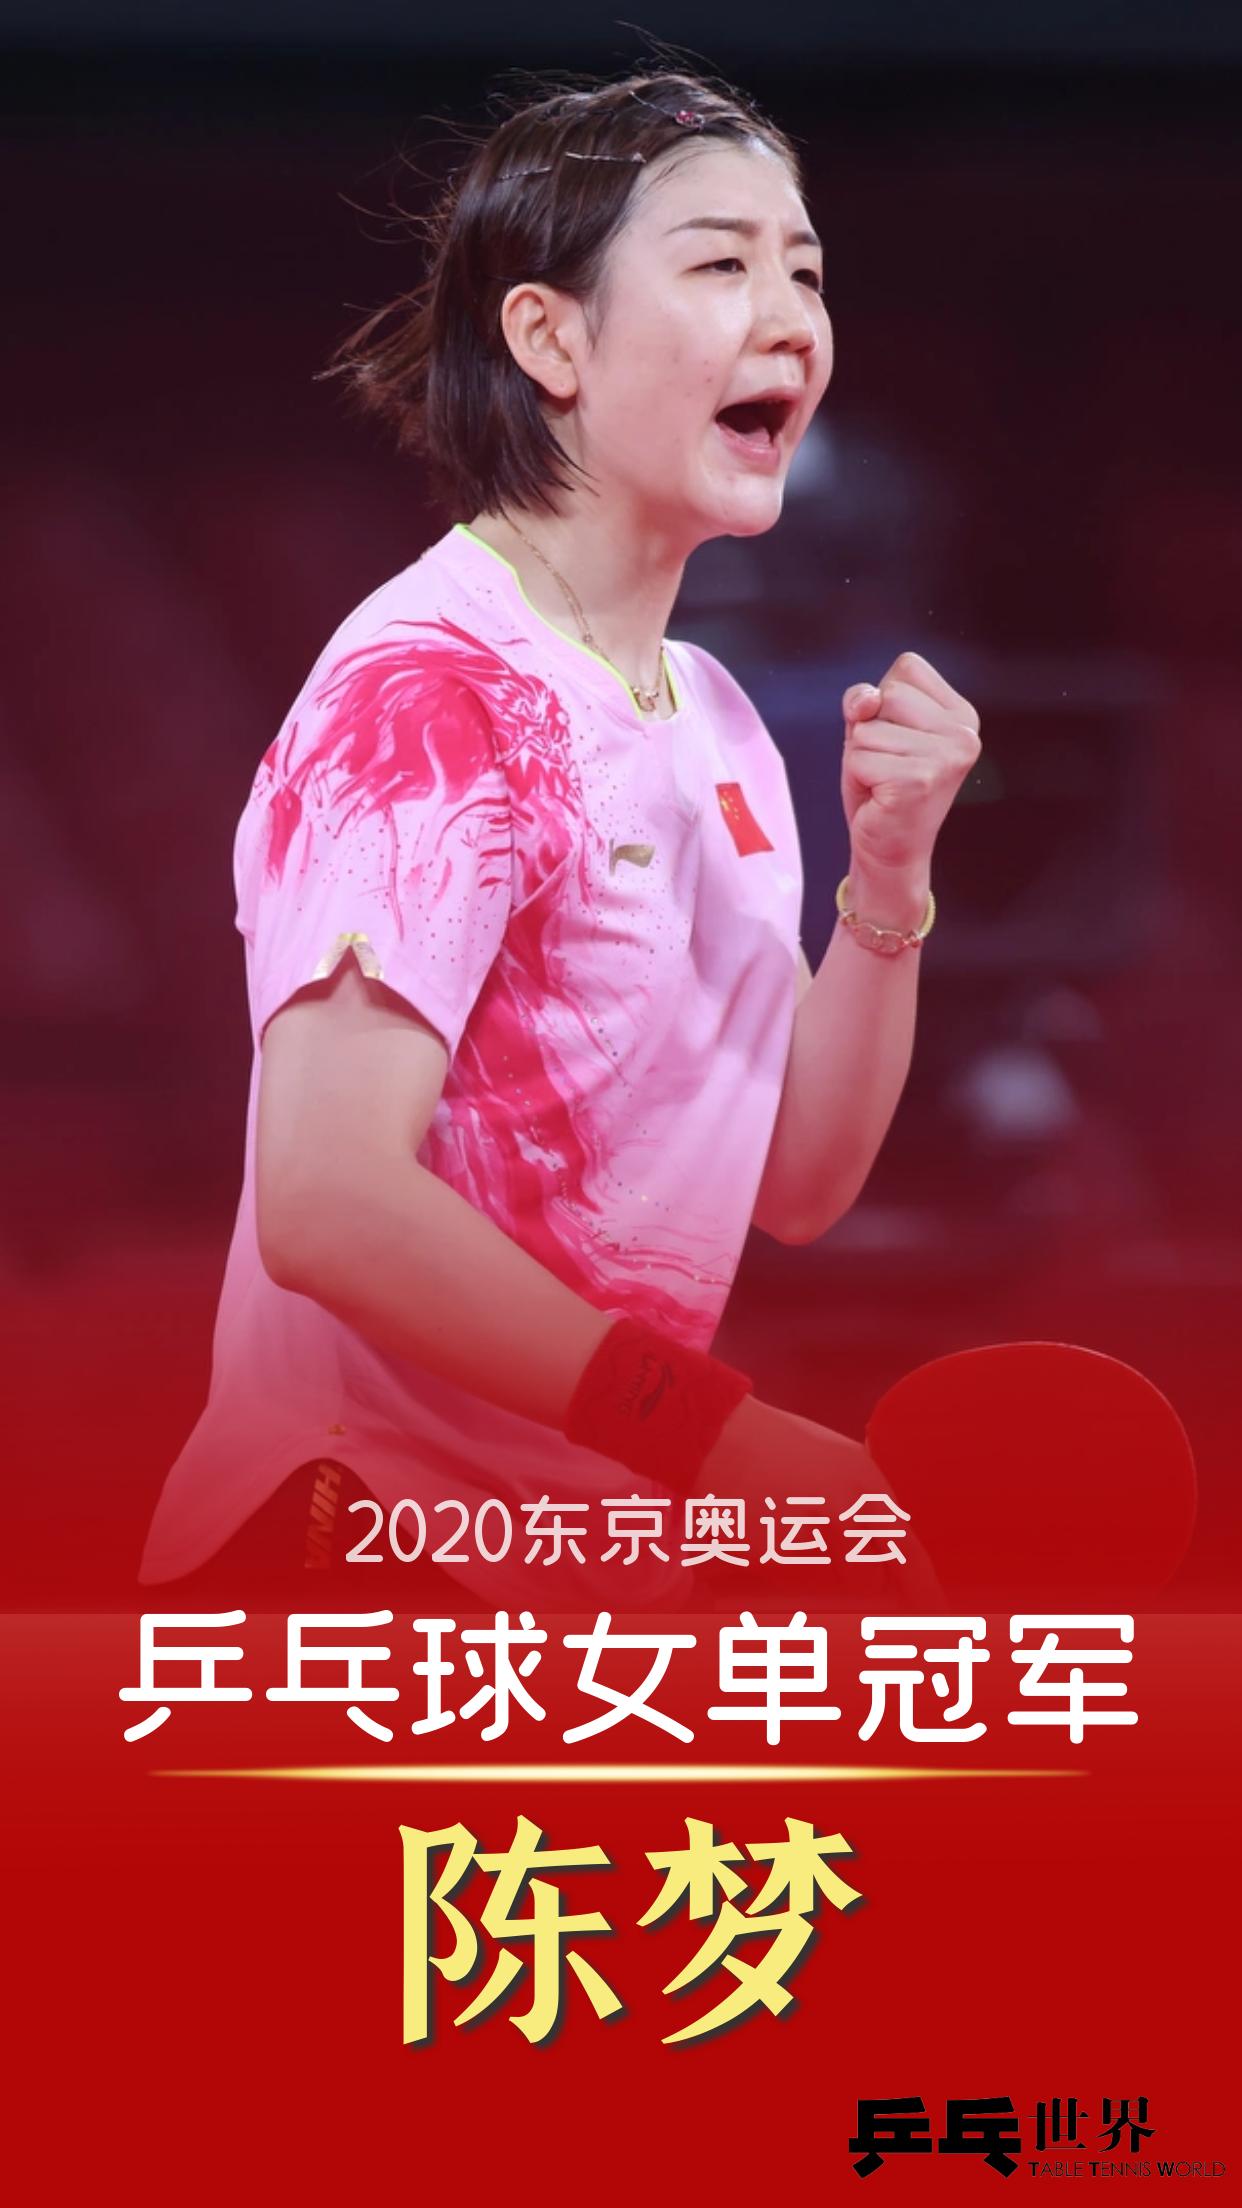 9连冠!陈梦4比2孙颖莎,夺得东京奥运会女单冠军